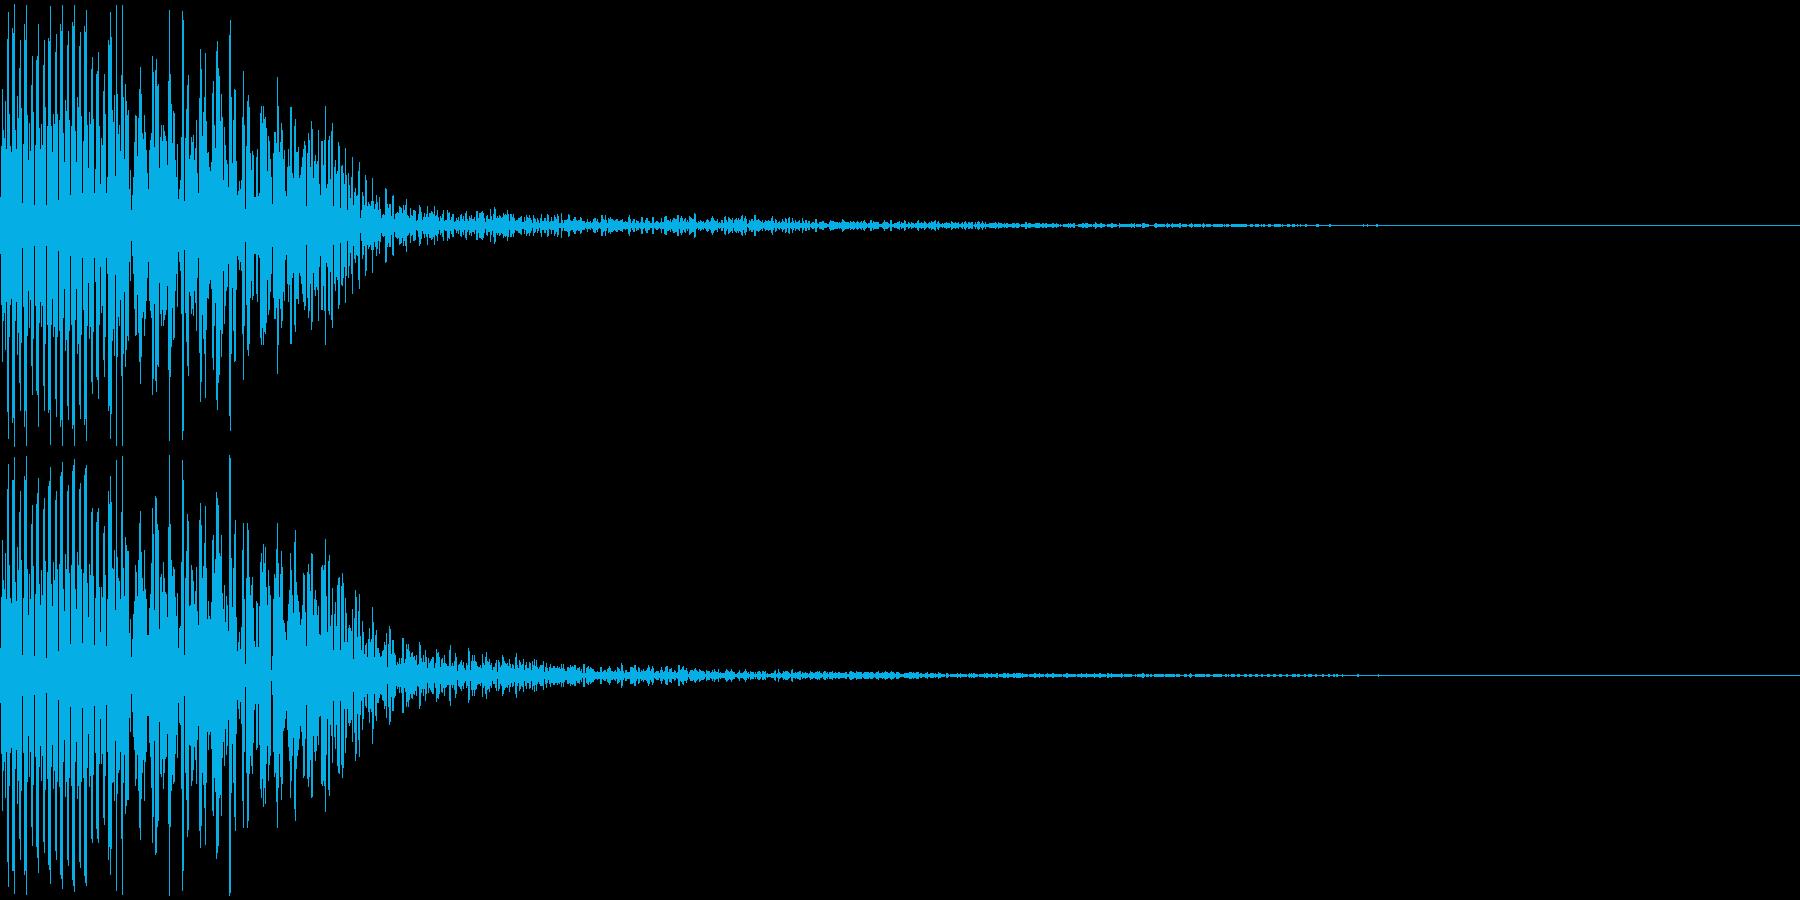 キャンセル、失敗音の再生済みの波形